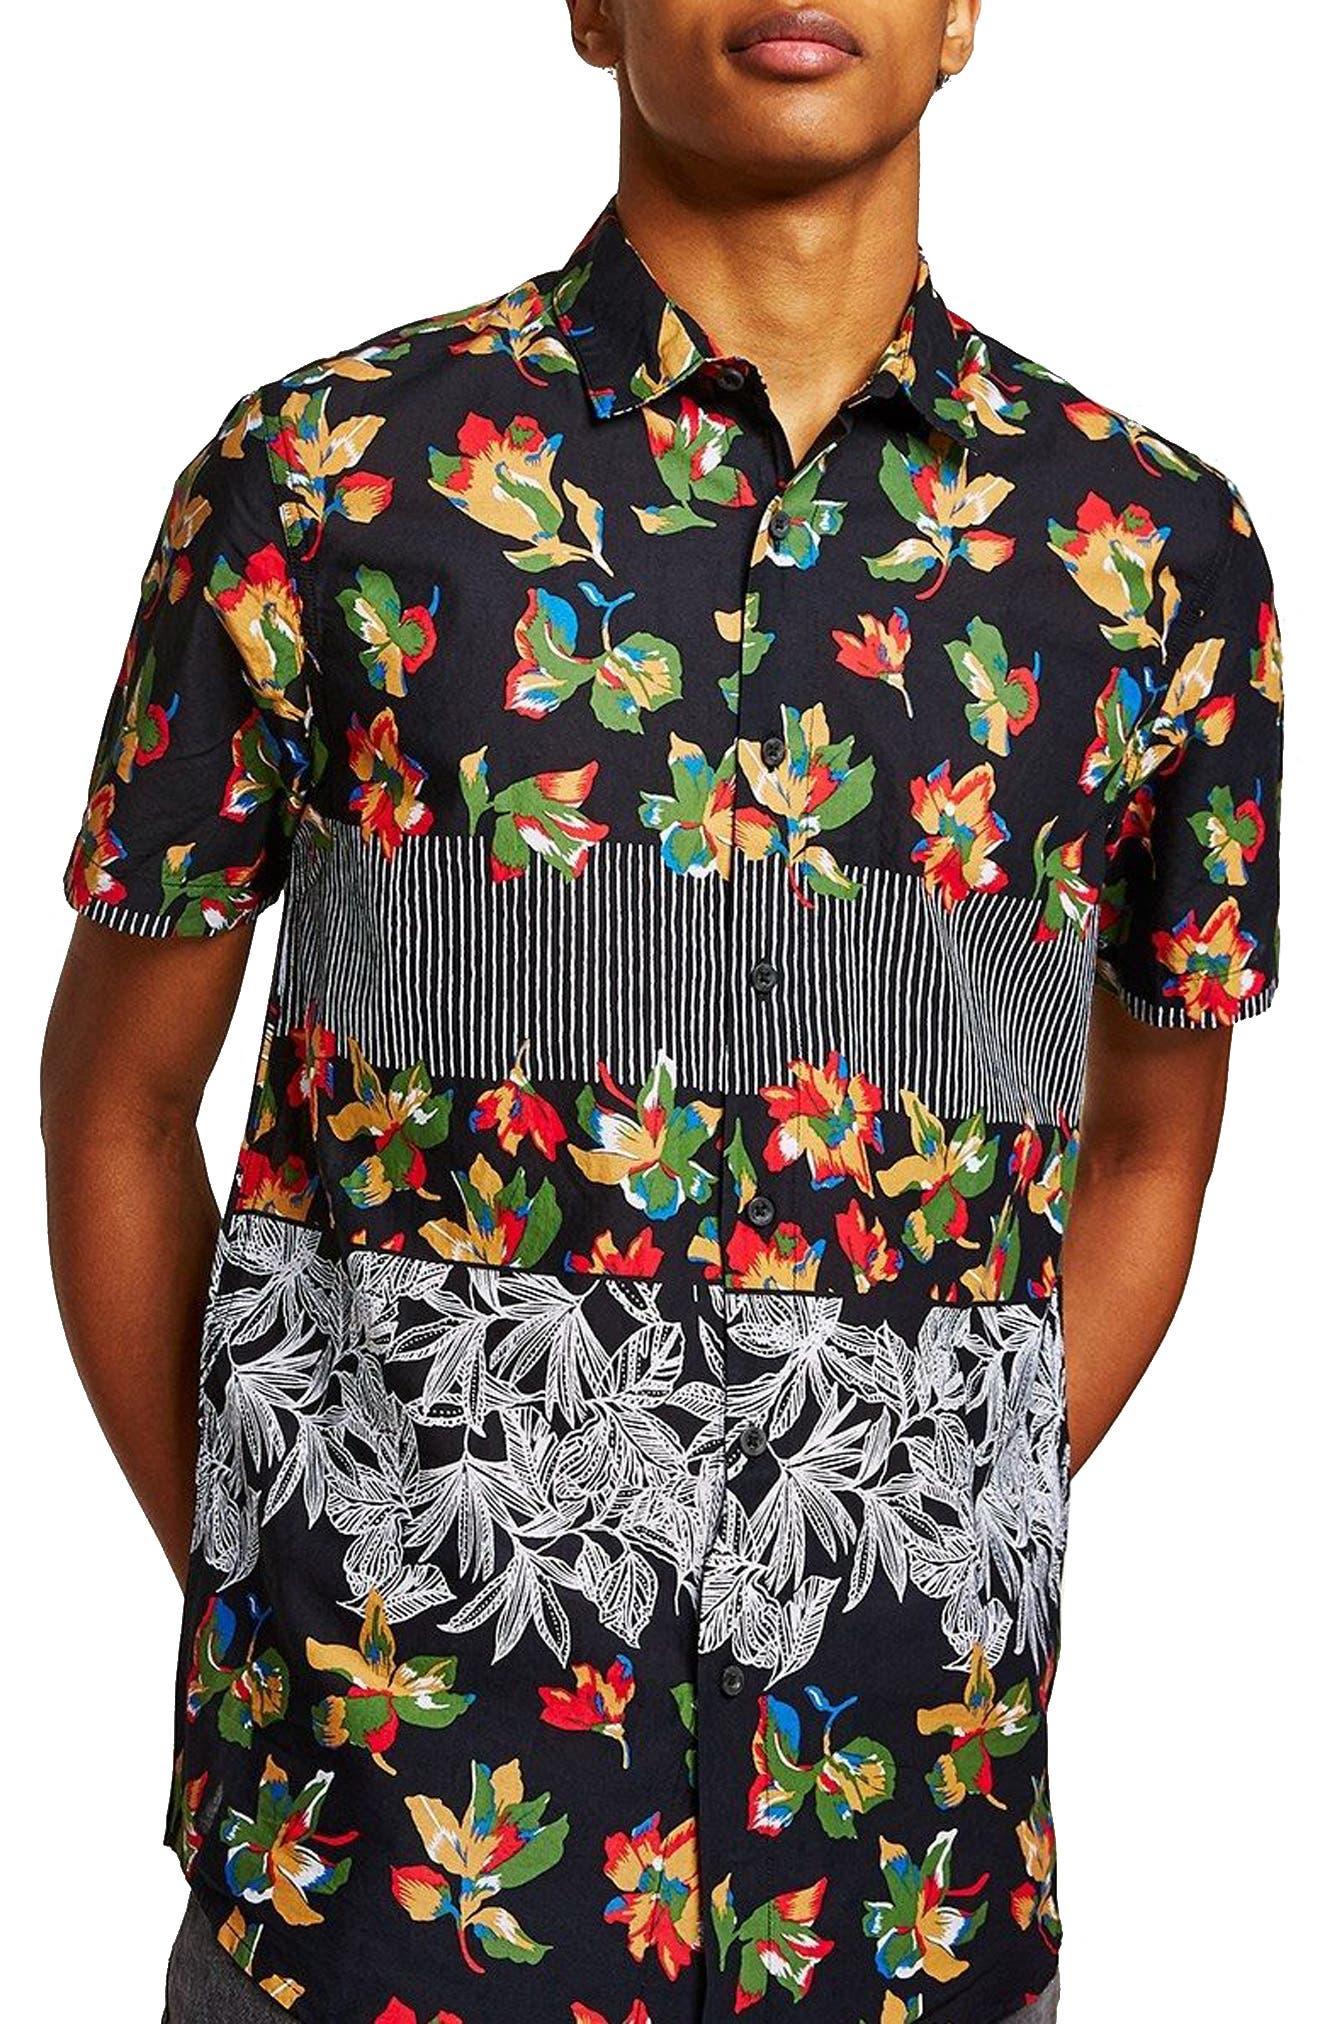 Multi Print Shirt,                         Main,                         color, Black Multi